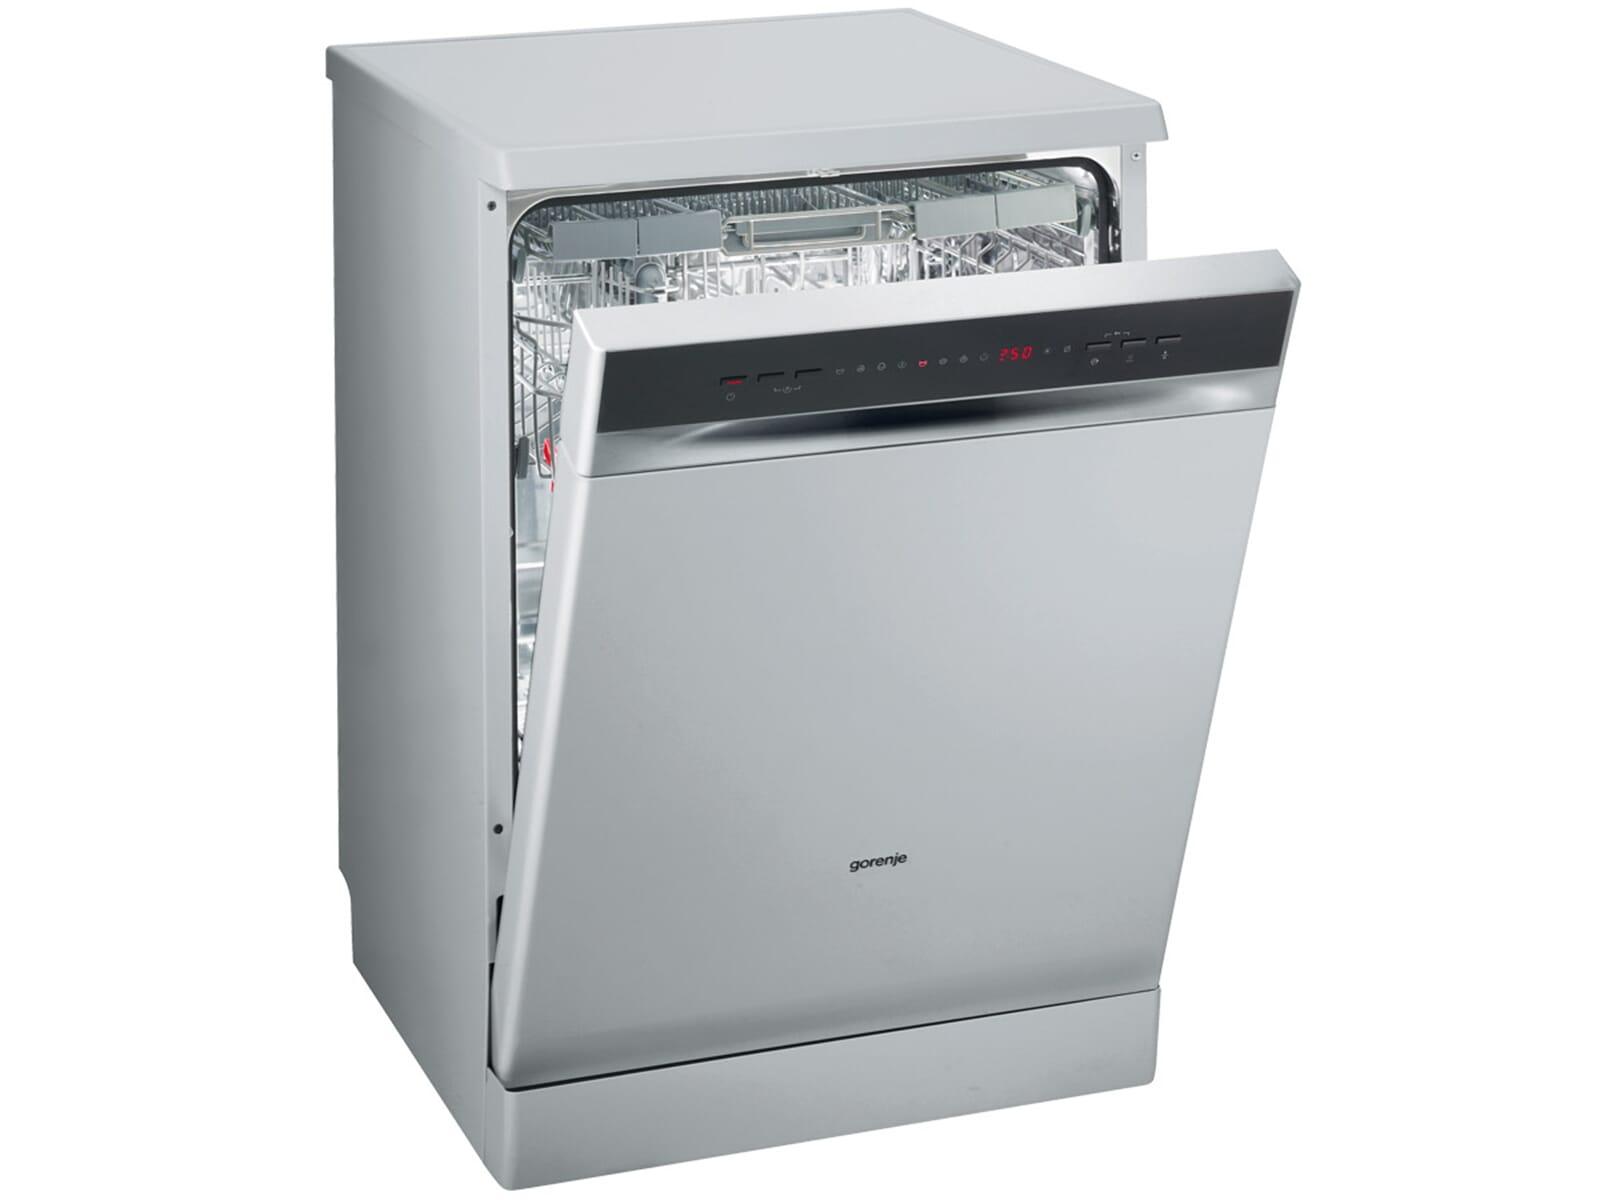 Посудомоечная машина ситилинк 4